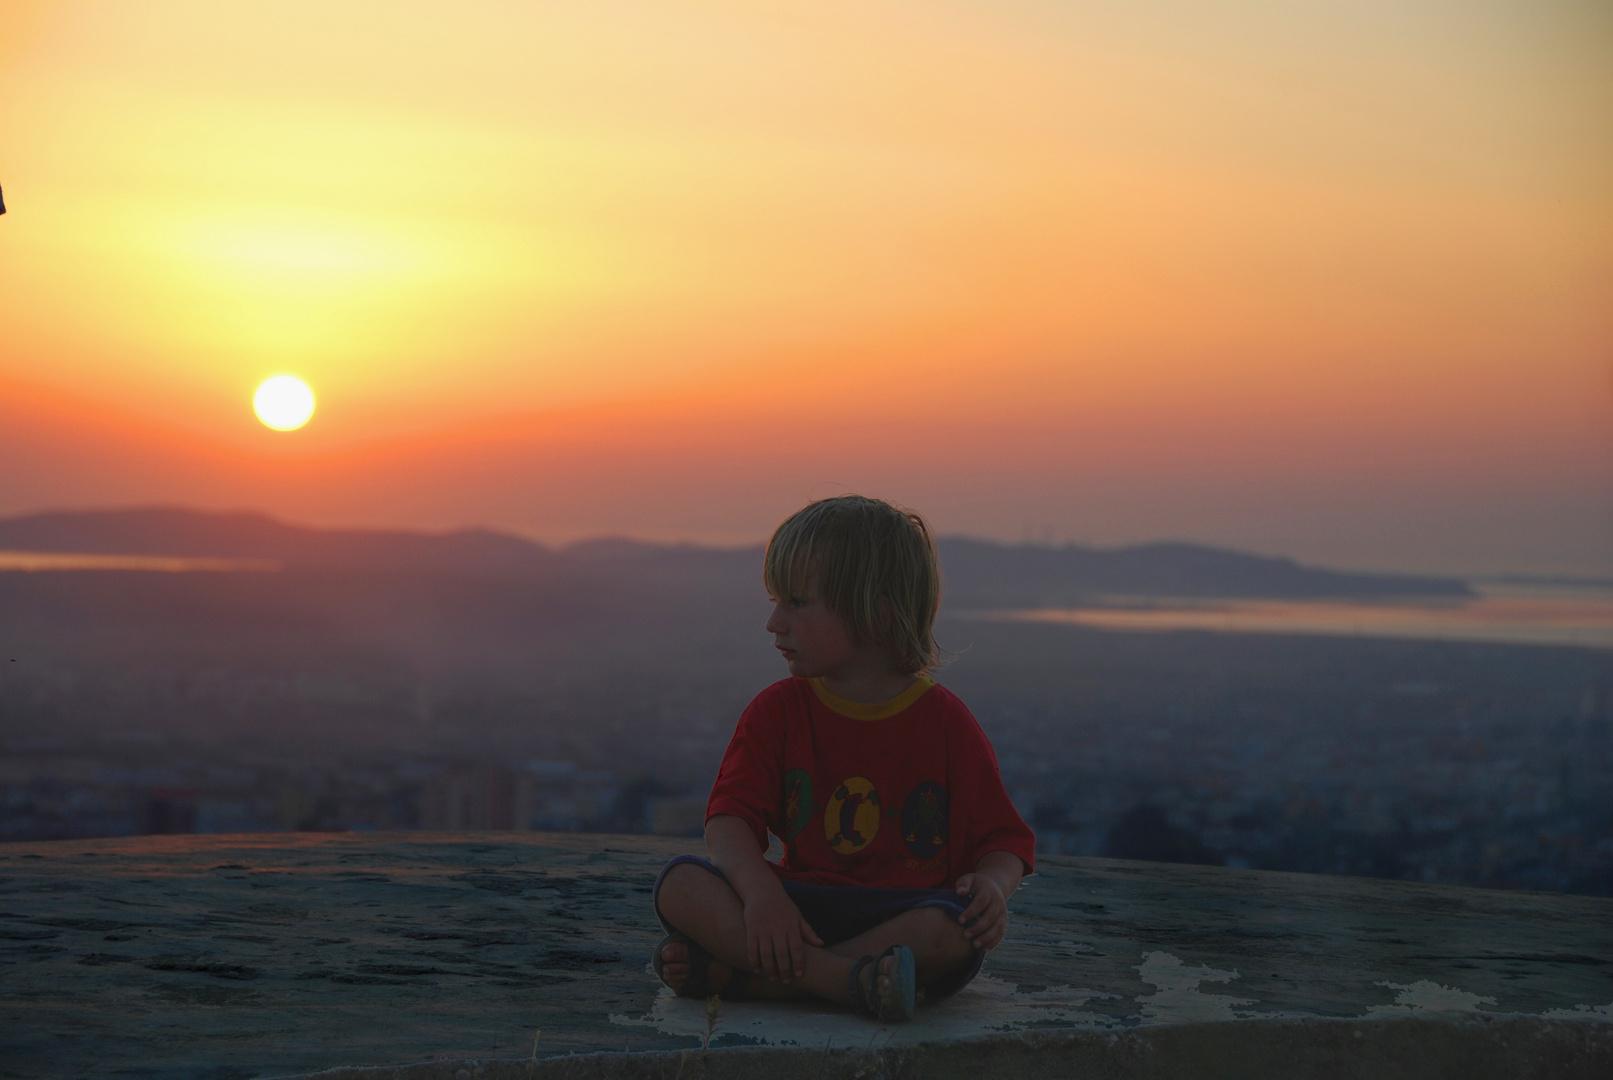 Stimmung im Sonnenuntergang